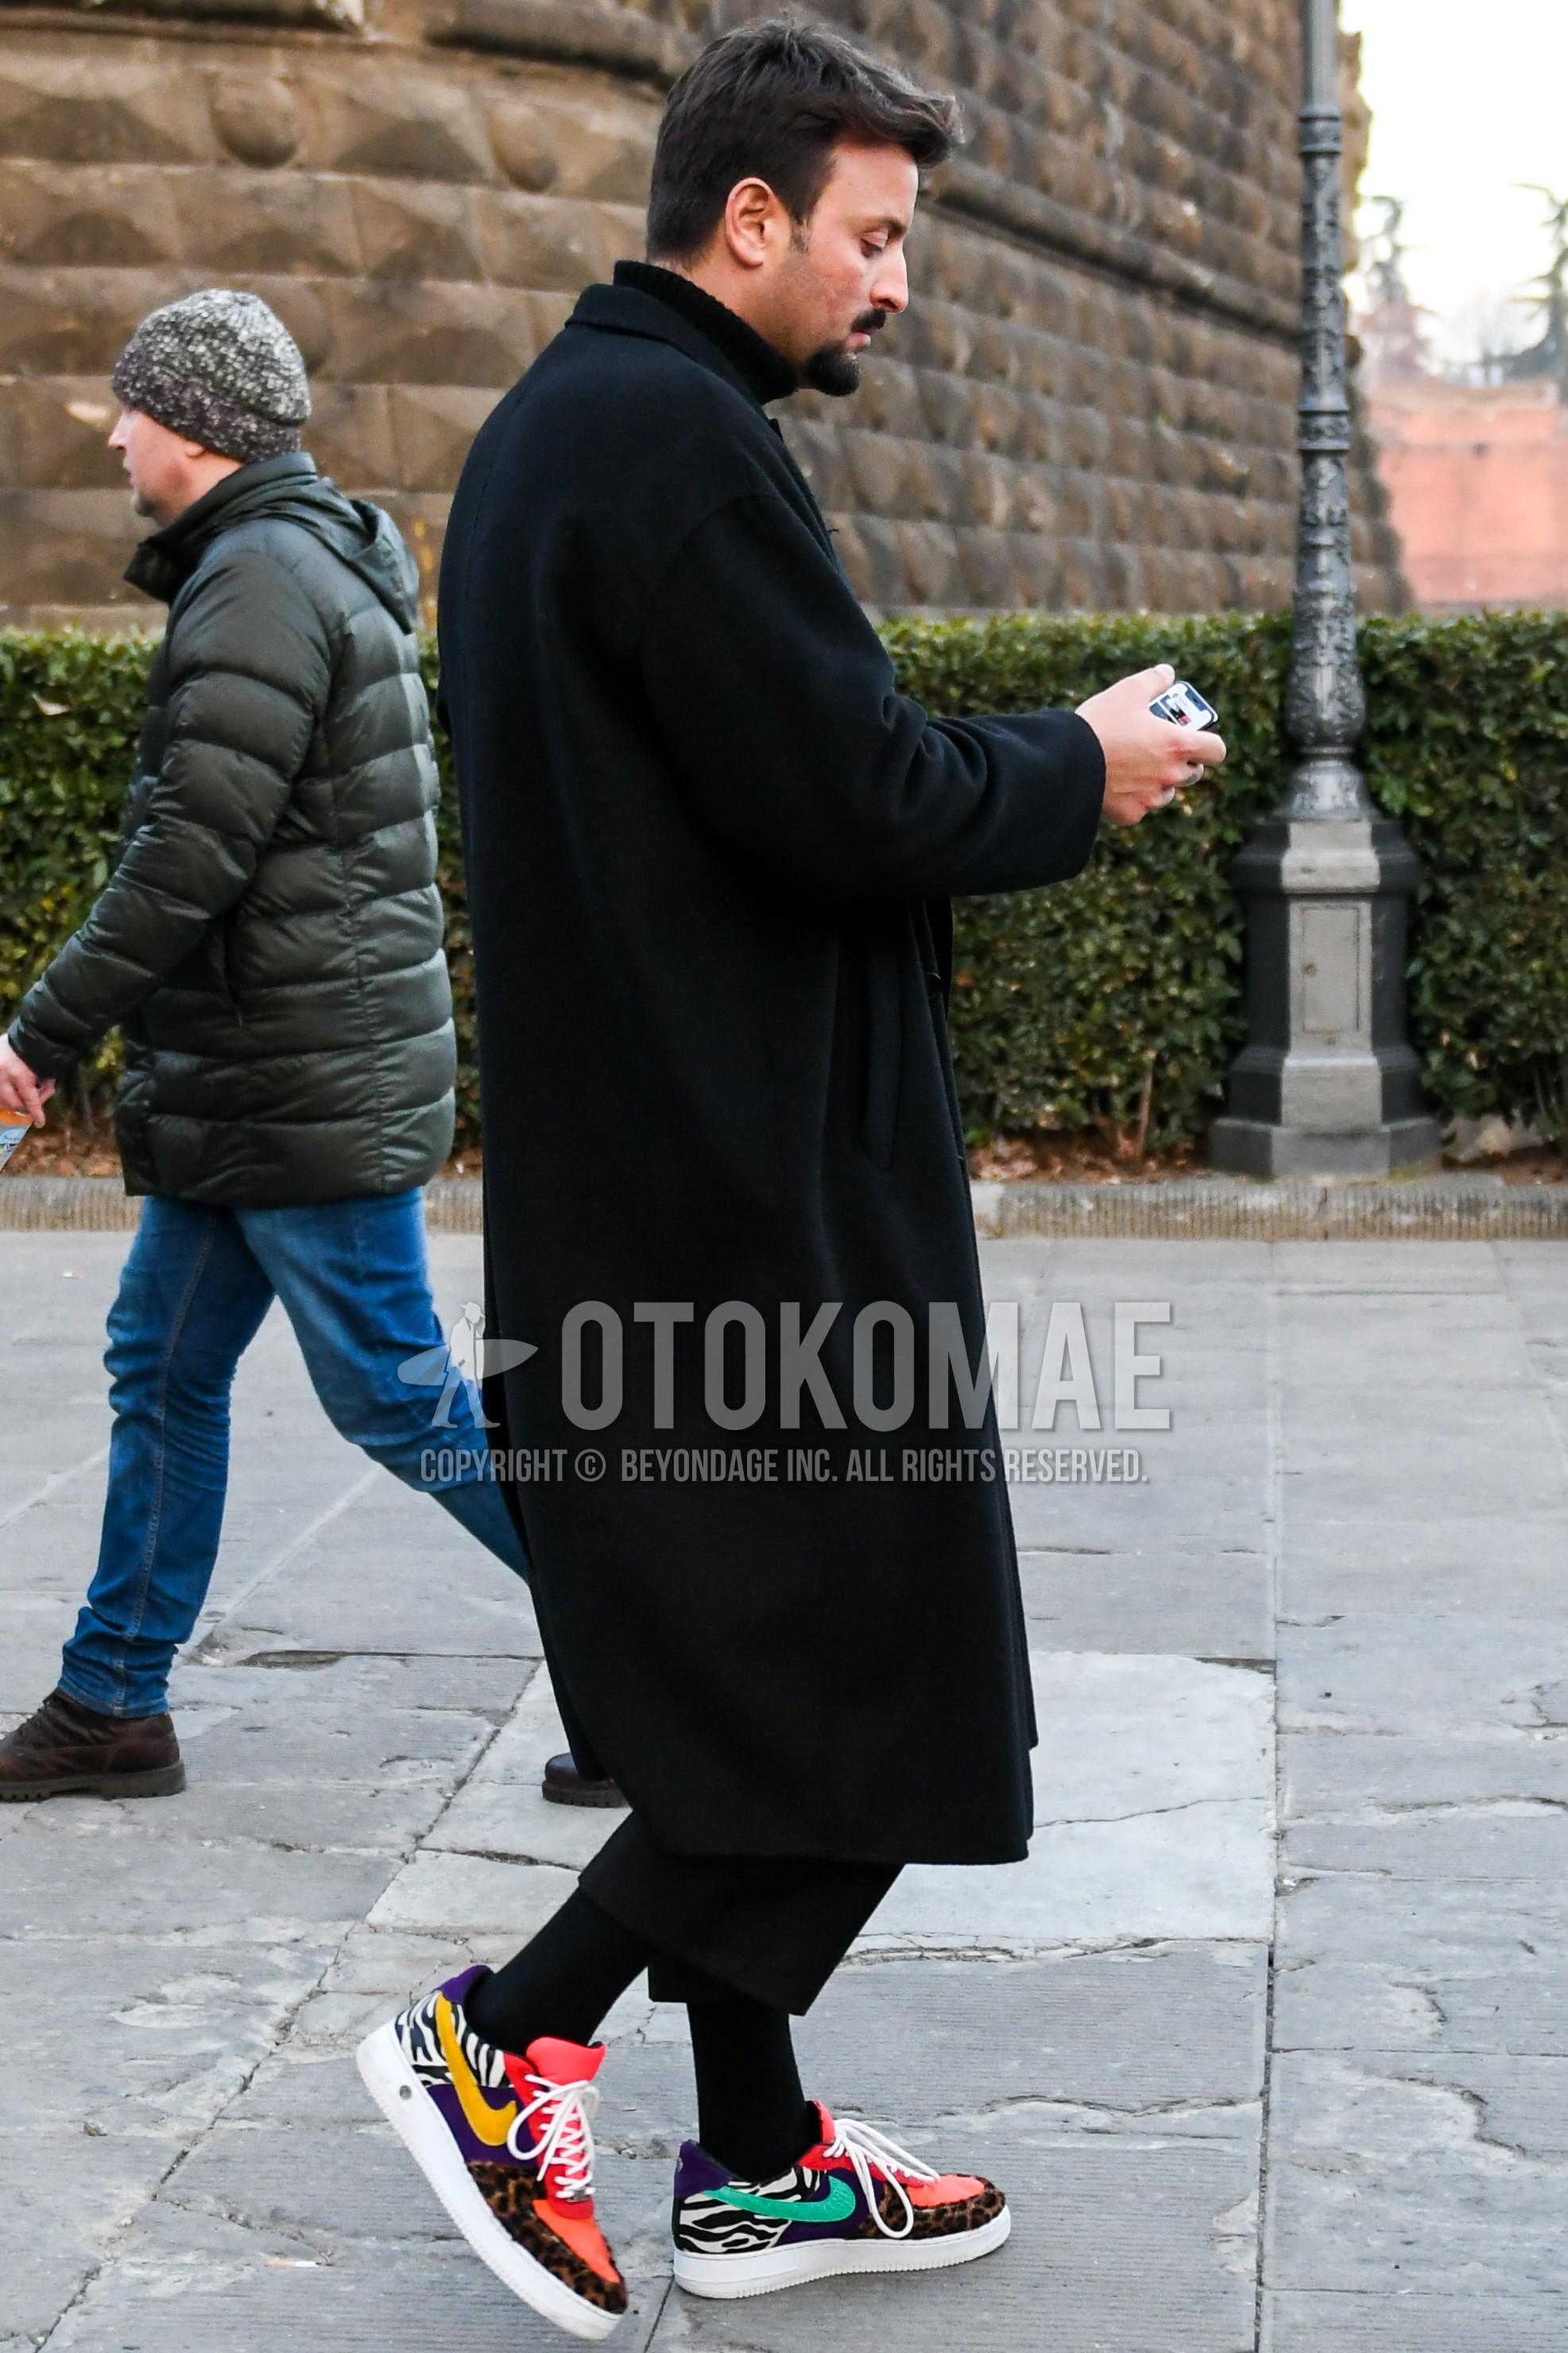 黒無地のチェスターコート、黒無地のタートルネックニット、黒無地のアンクルパンツ、黒無地のソックス、マルチカラーローカットのスニーカーを合わせた冬のメンズコーデ・着こなし。